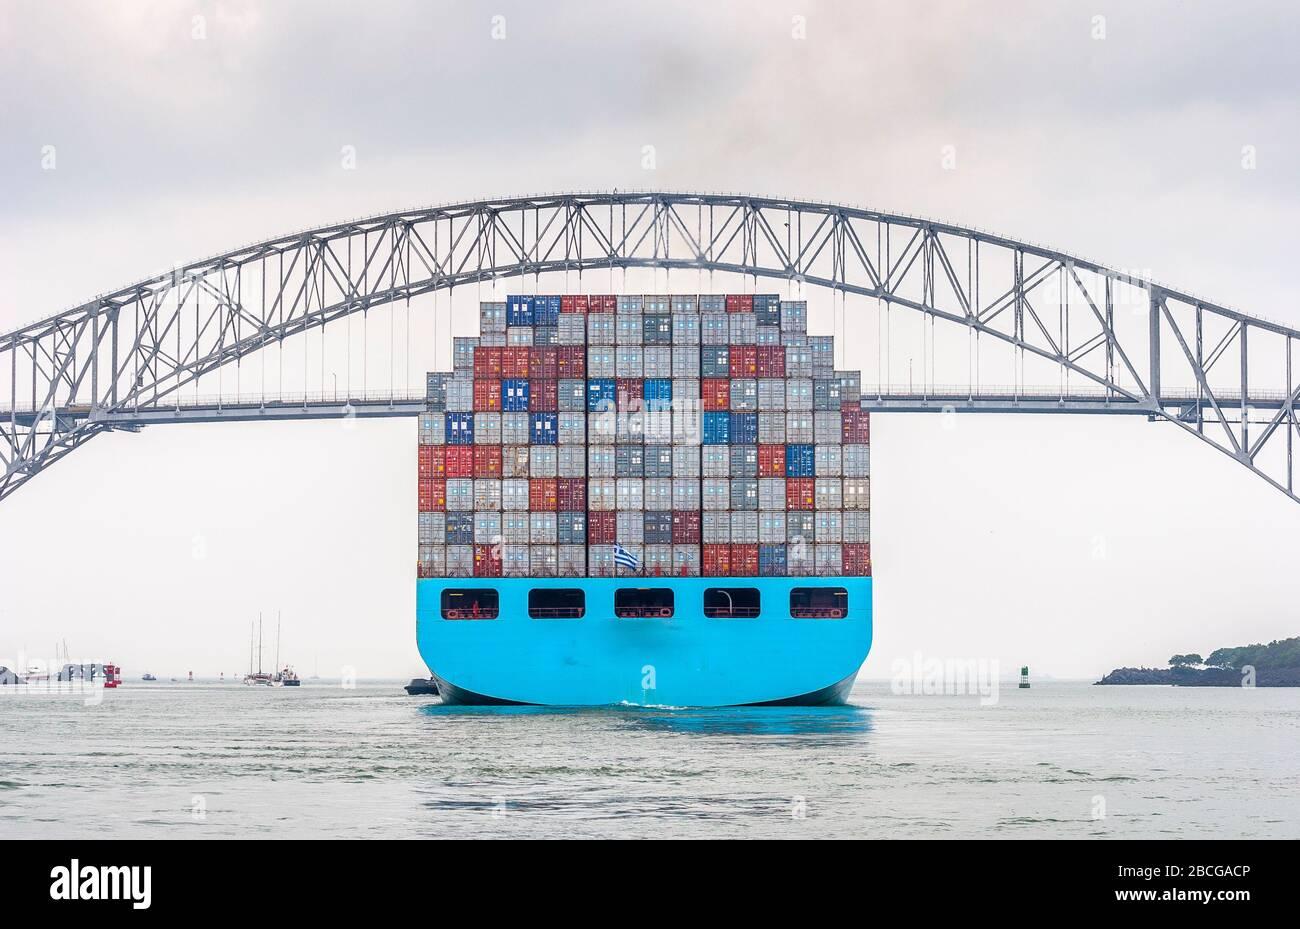 Containerschiff verlässt den Panamakanal und passiert die Brücke von Amerika, die einzige Straßenverbindung zwischen Nord- und Südamerika Stockfoto